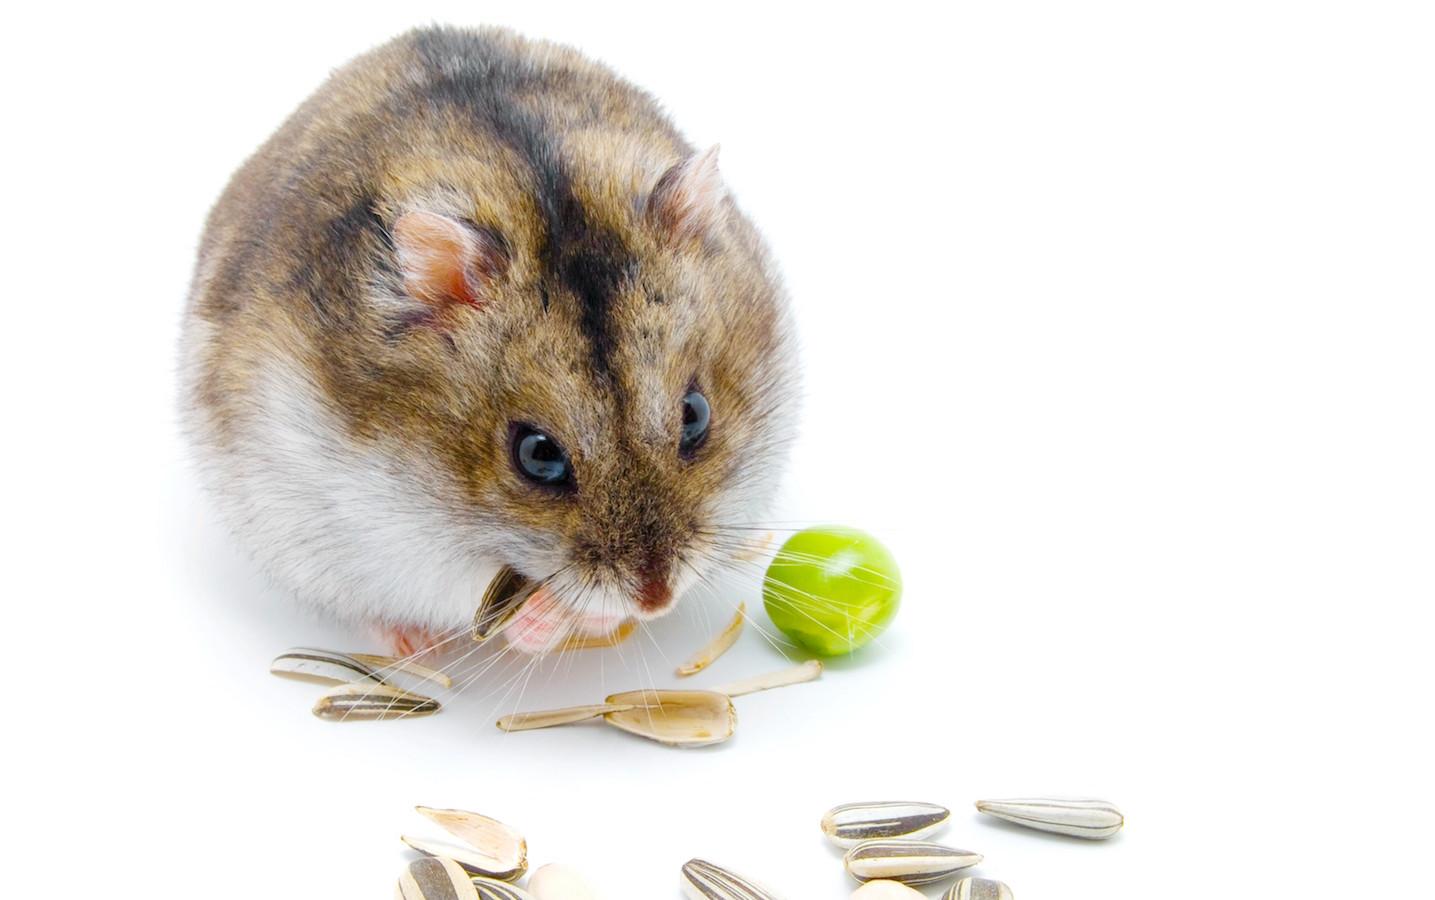 hamster clicks sunflower seeds on white background